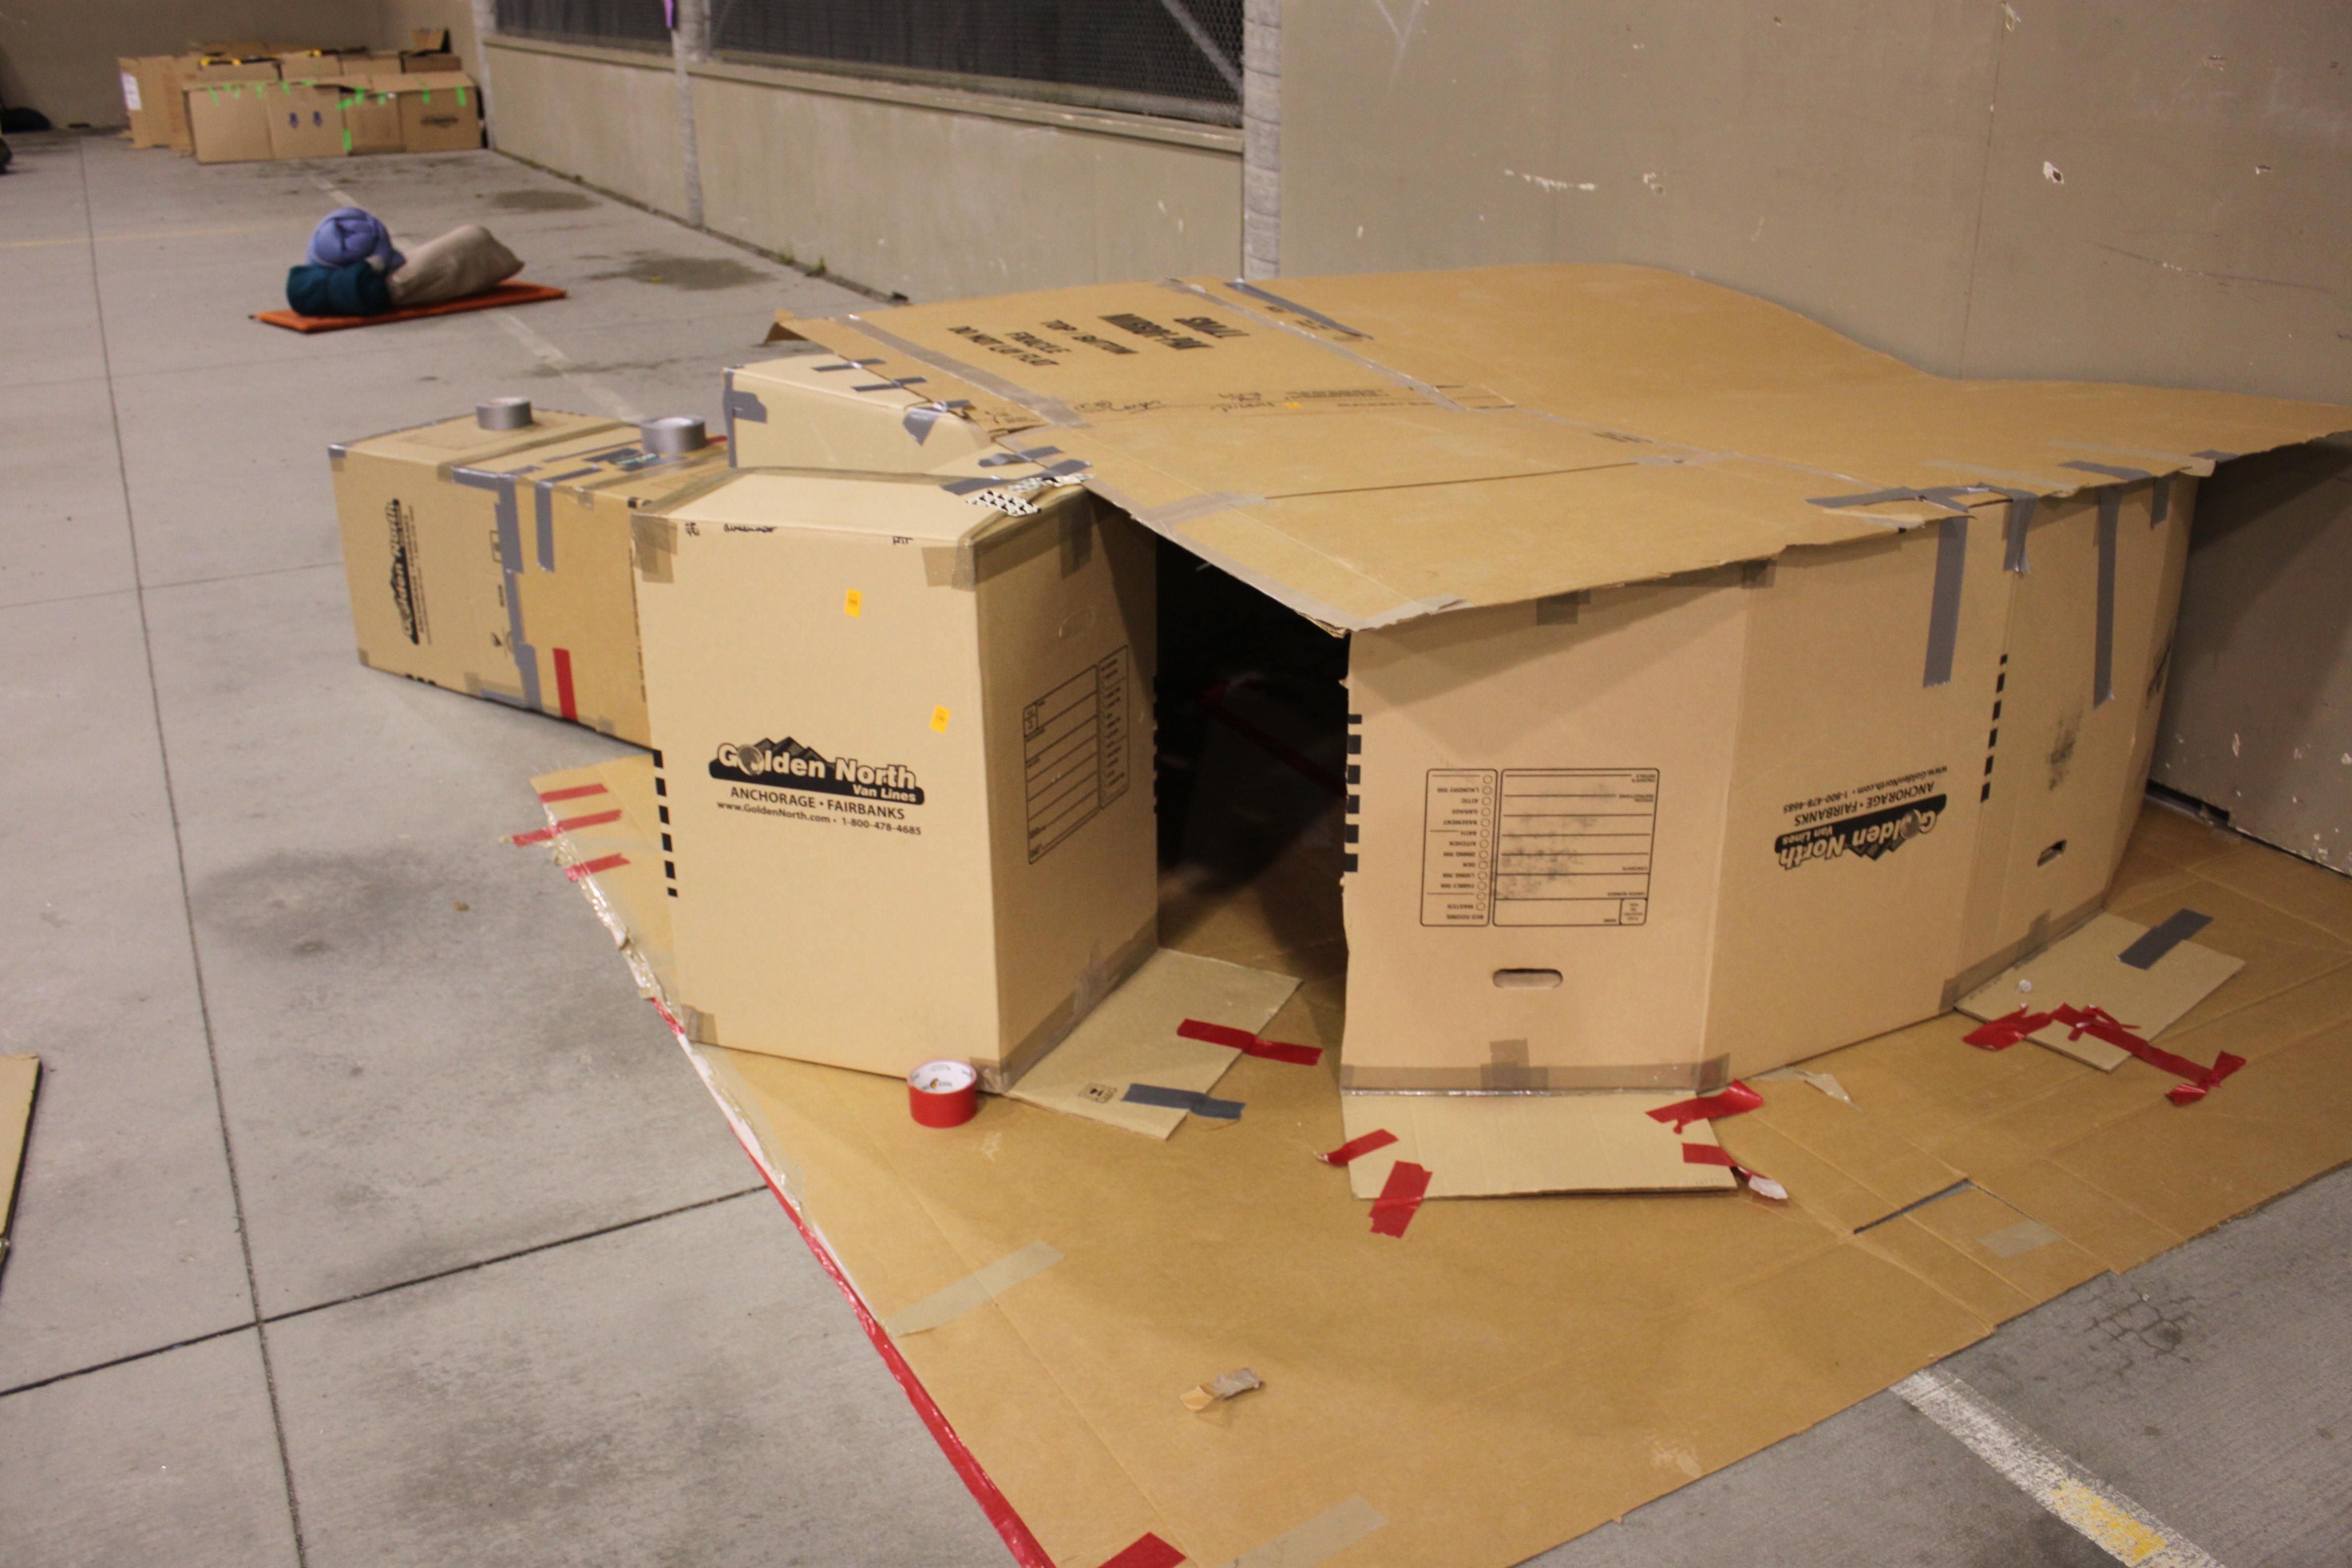 Homeless Shelter Building Plans